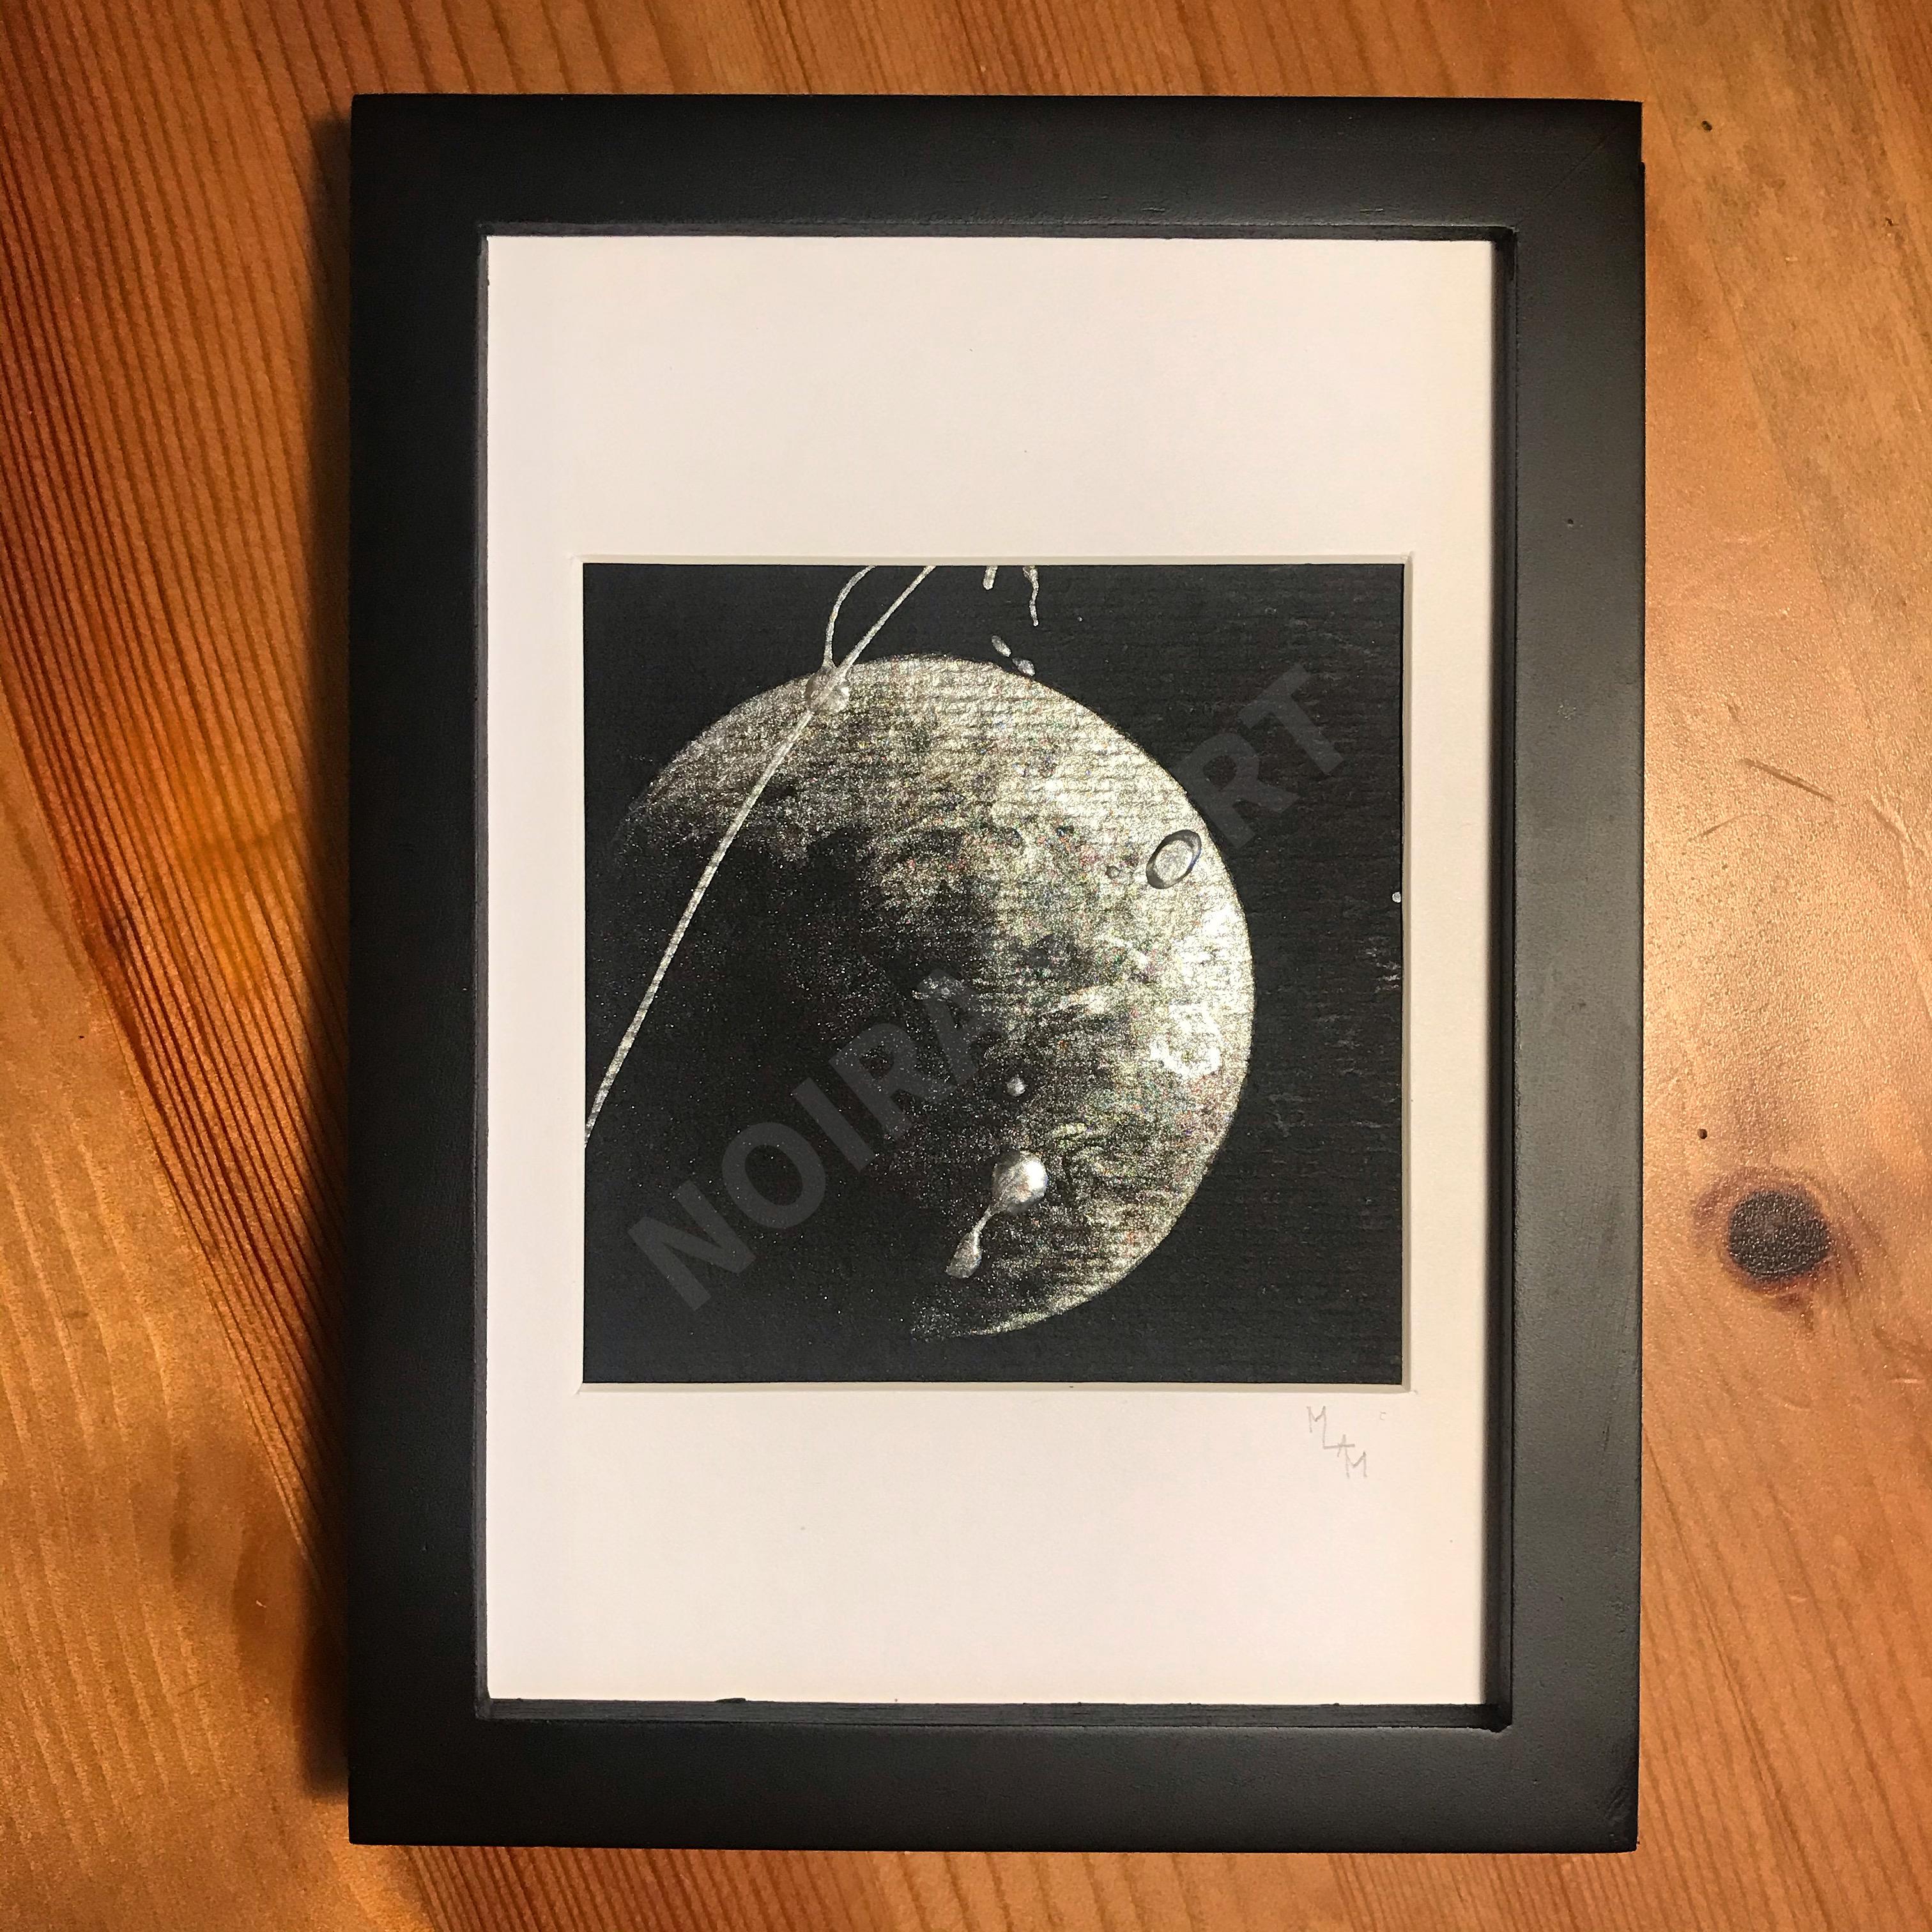 Aquarelle papier noir une minute avant le premier pas lune houston ovule fécondation satellite mlam noiram marion-lorraine poncet planète plante